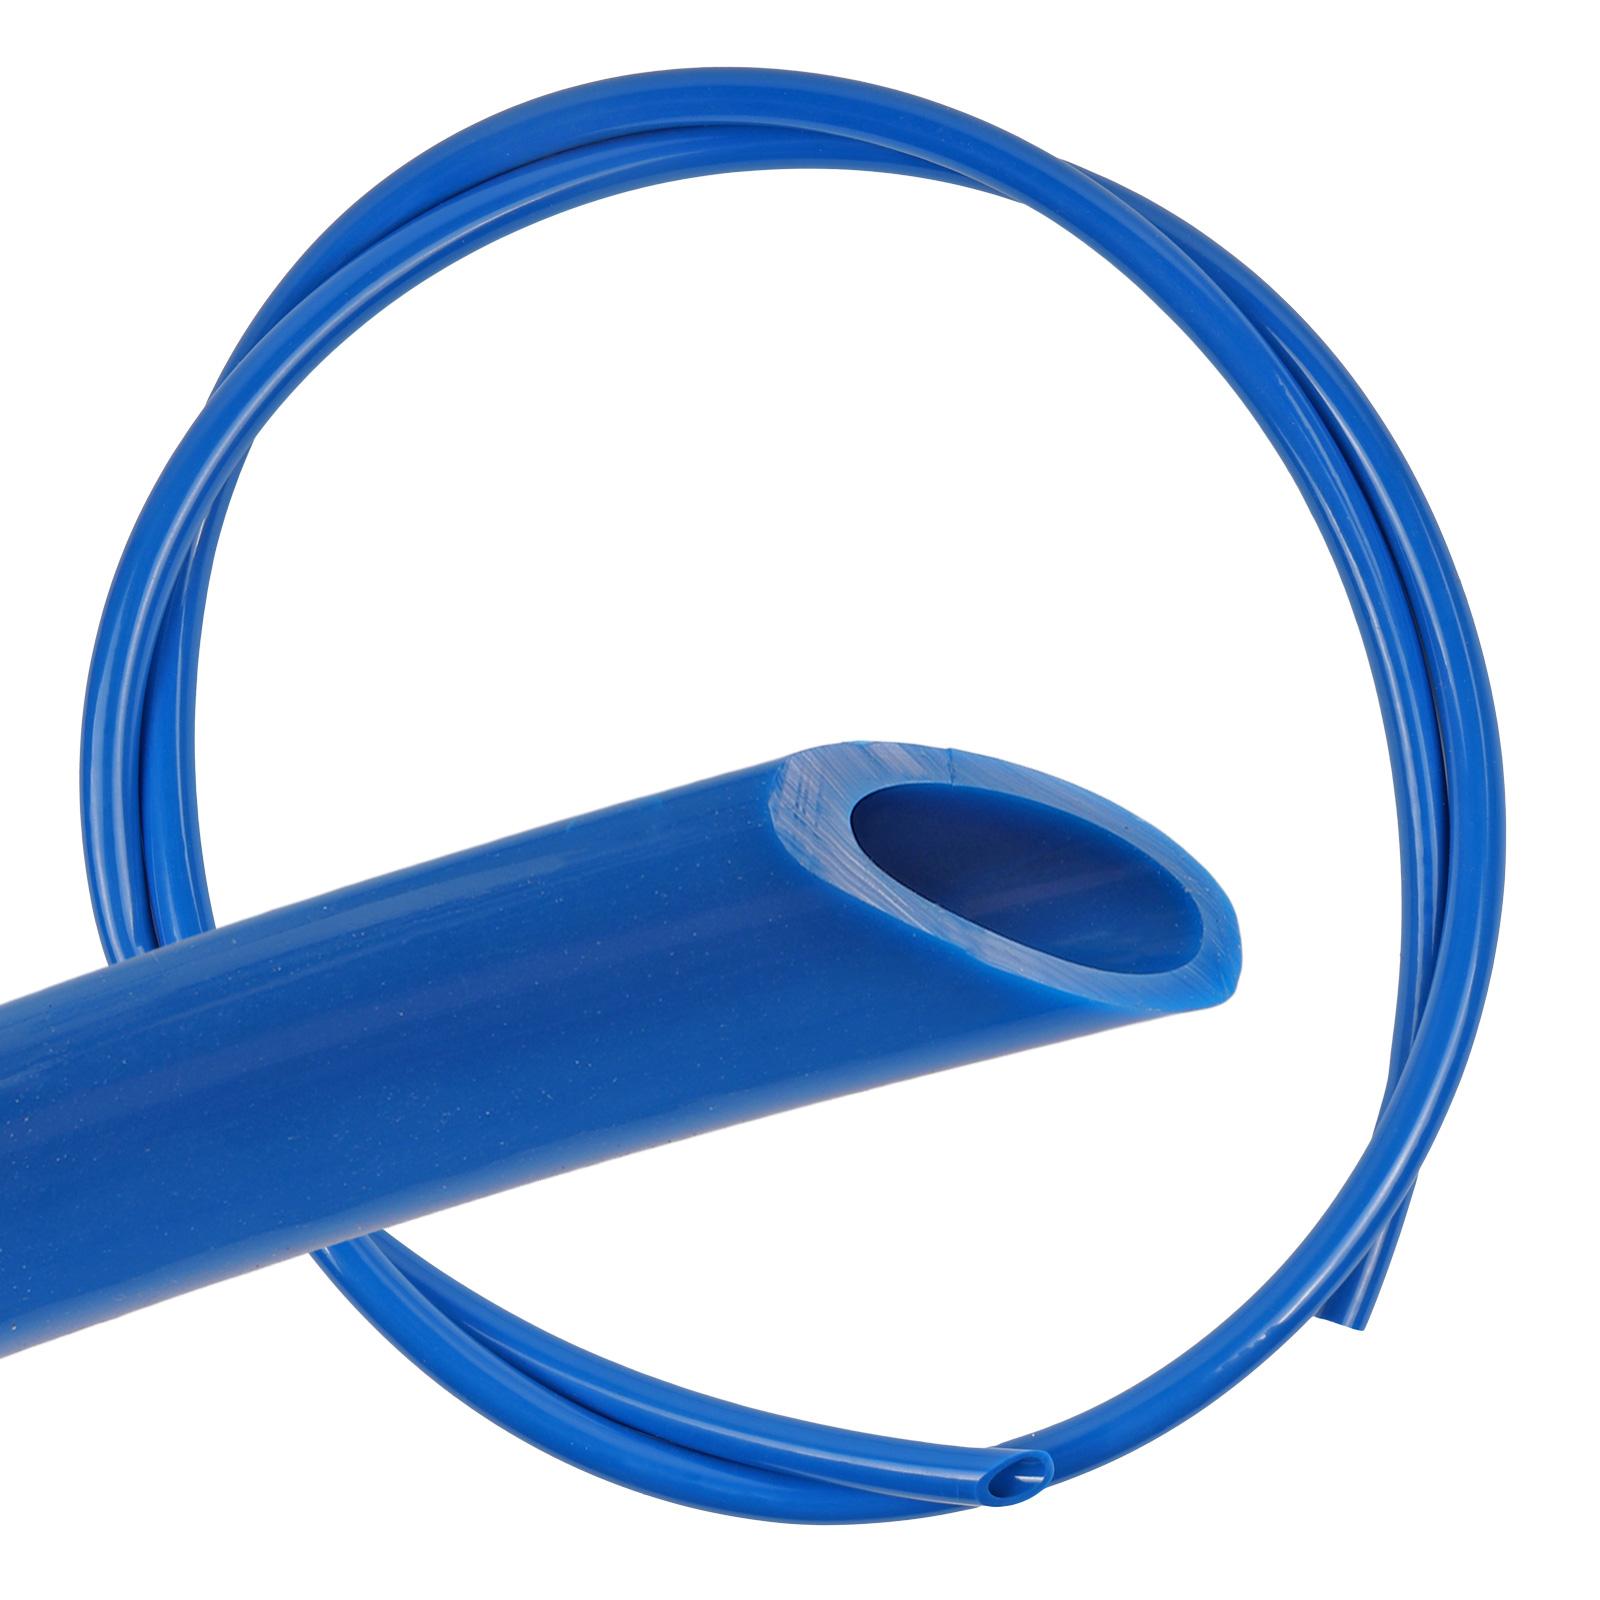 10m Trinkwasserschlauch Blau 10x2 mm Kaltwasser für Wohnmobil & Wohnwagen